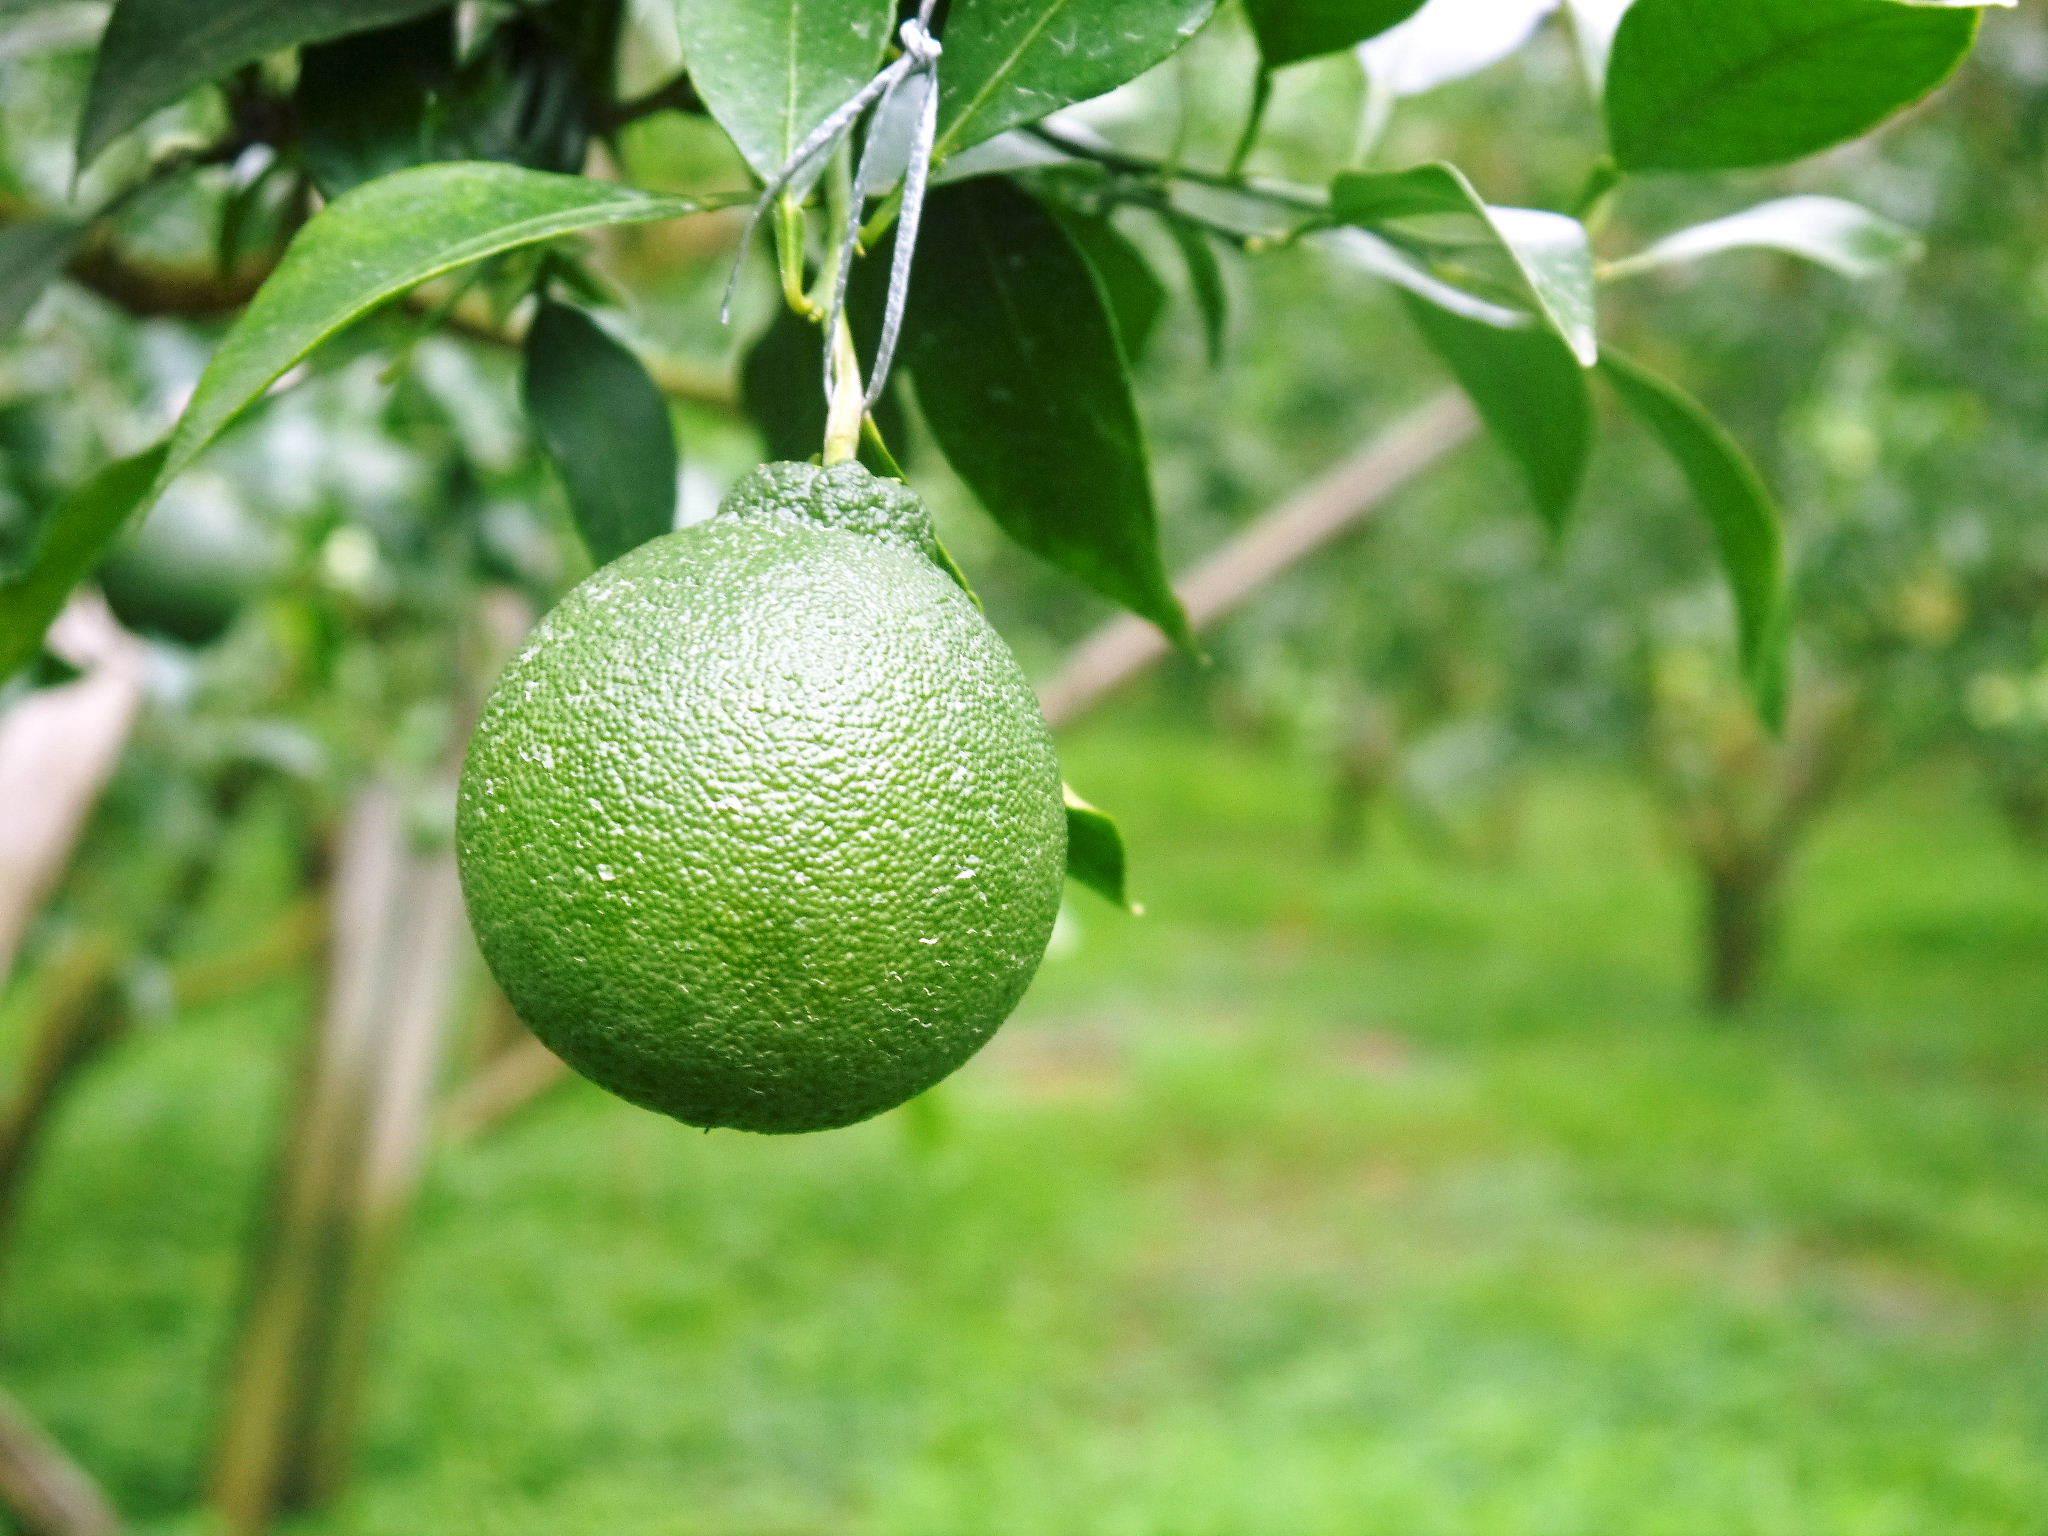 デコポン(肥後ポン) 果実を大きく成長させる匠の水管理と来年のための夏芽の話!後編_a0254656_17121165.jpg